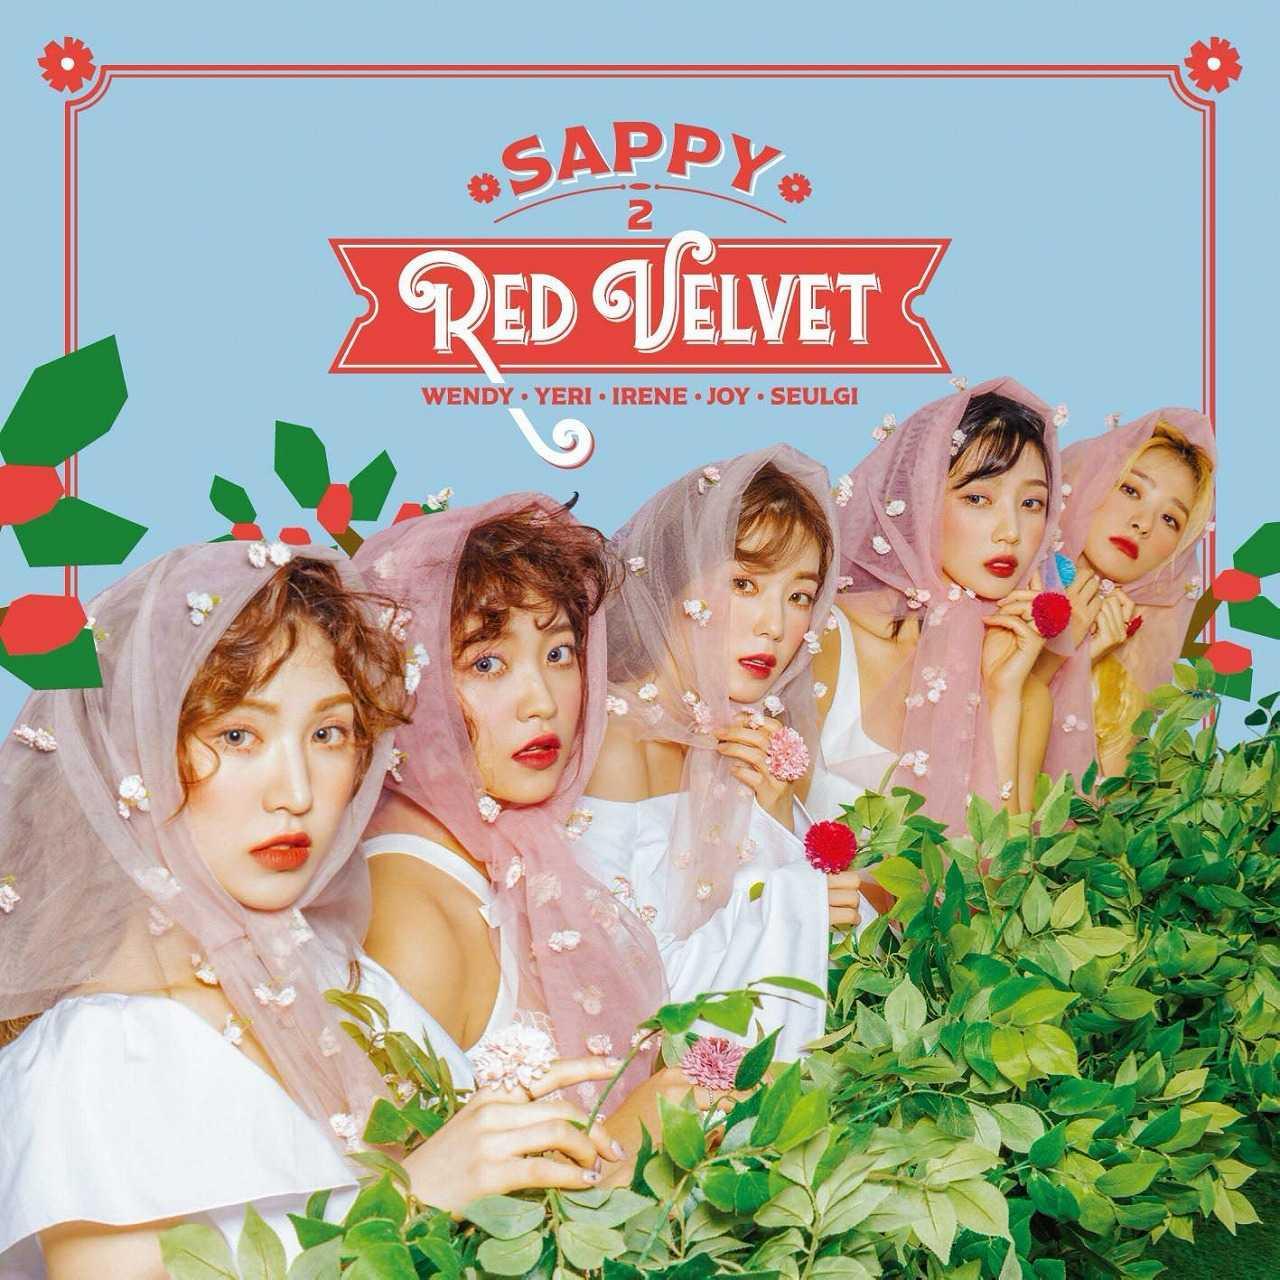 可愛さとセクシーさを持ち合わせる「Red Velvet」男女両方から人気の高い理由とは!?